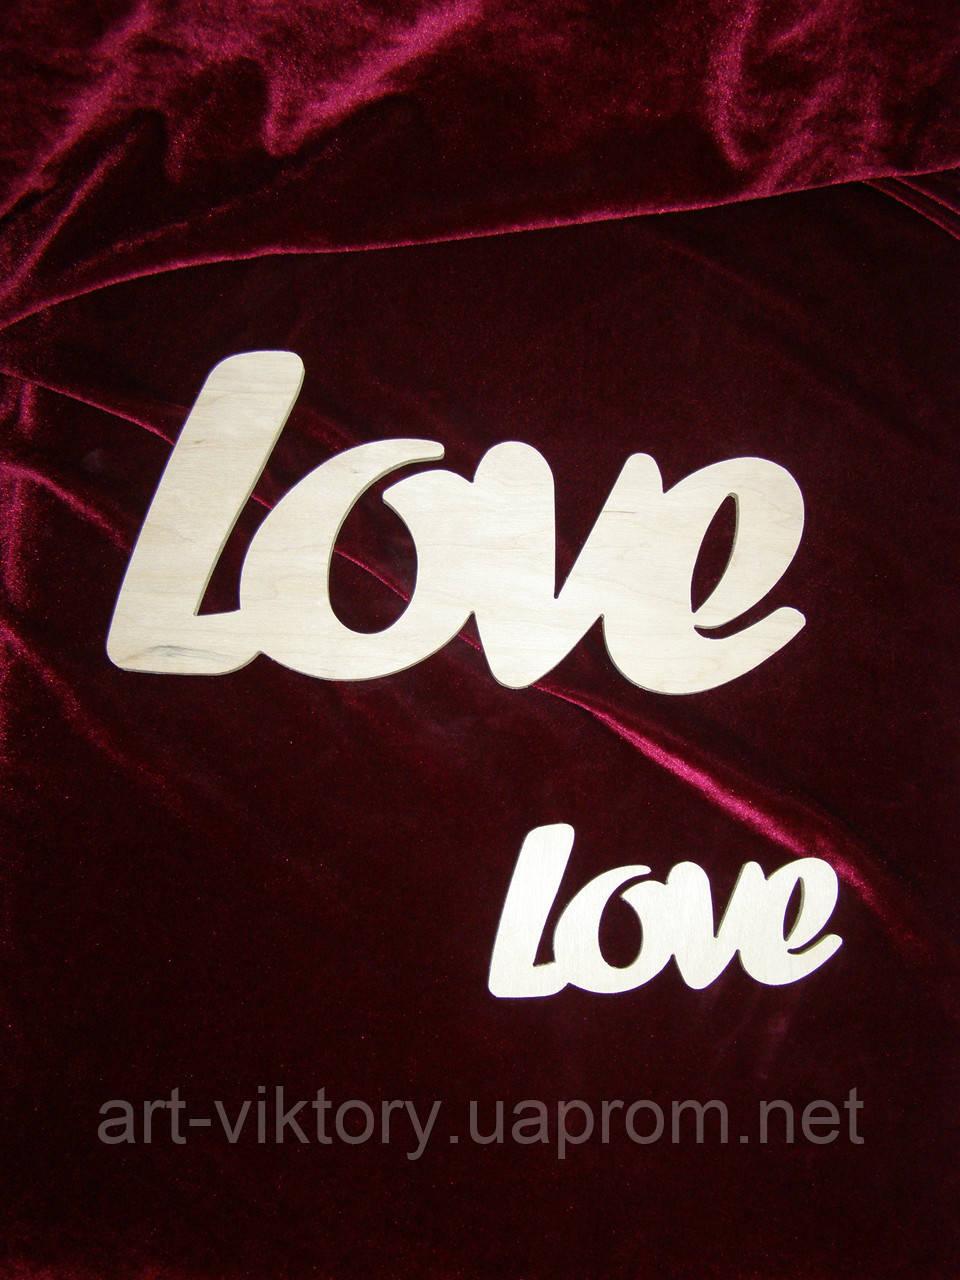 Слово LOVE (12 х 6 см; 24 х 11,5 см), декор